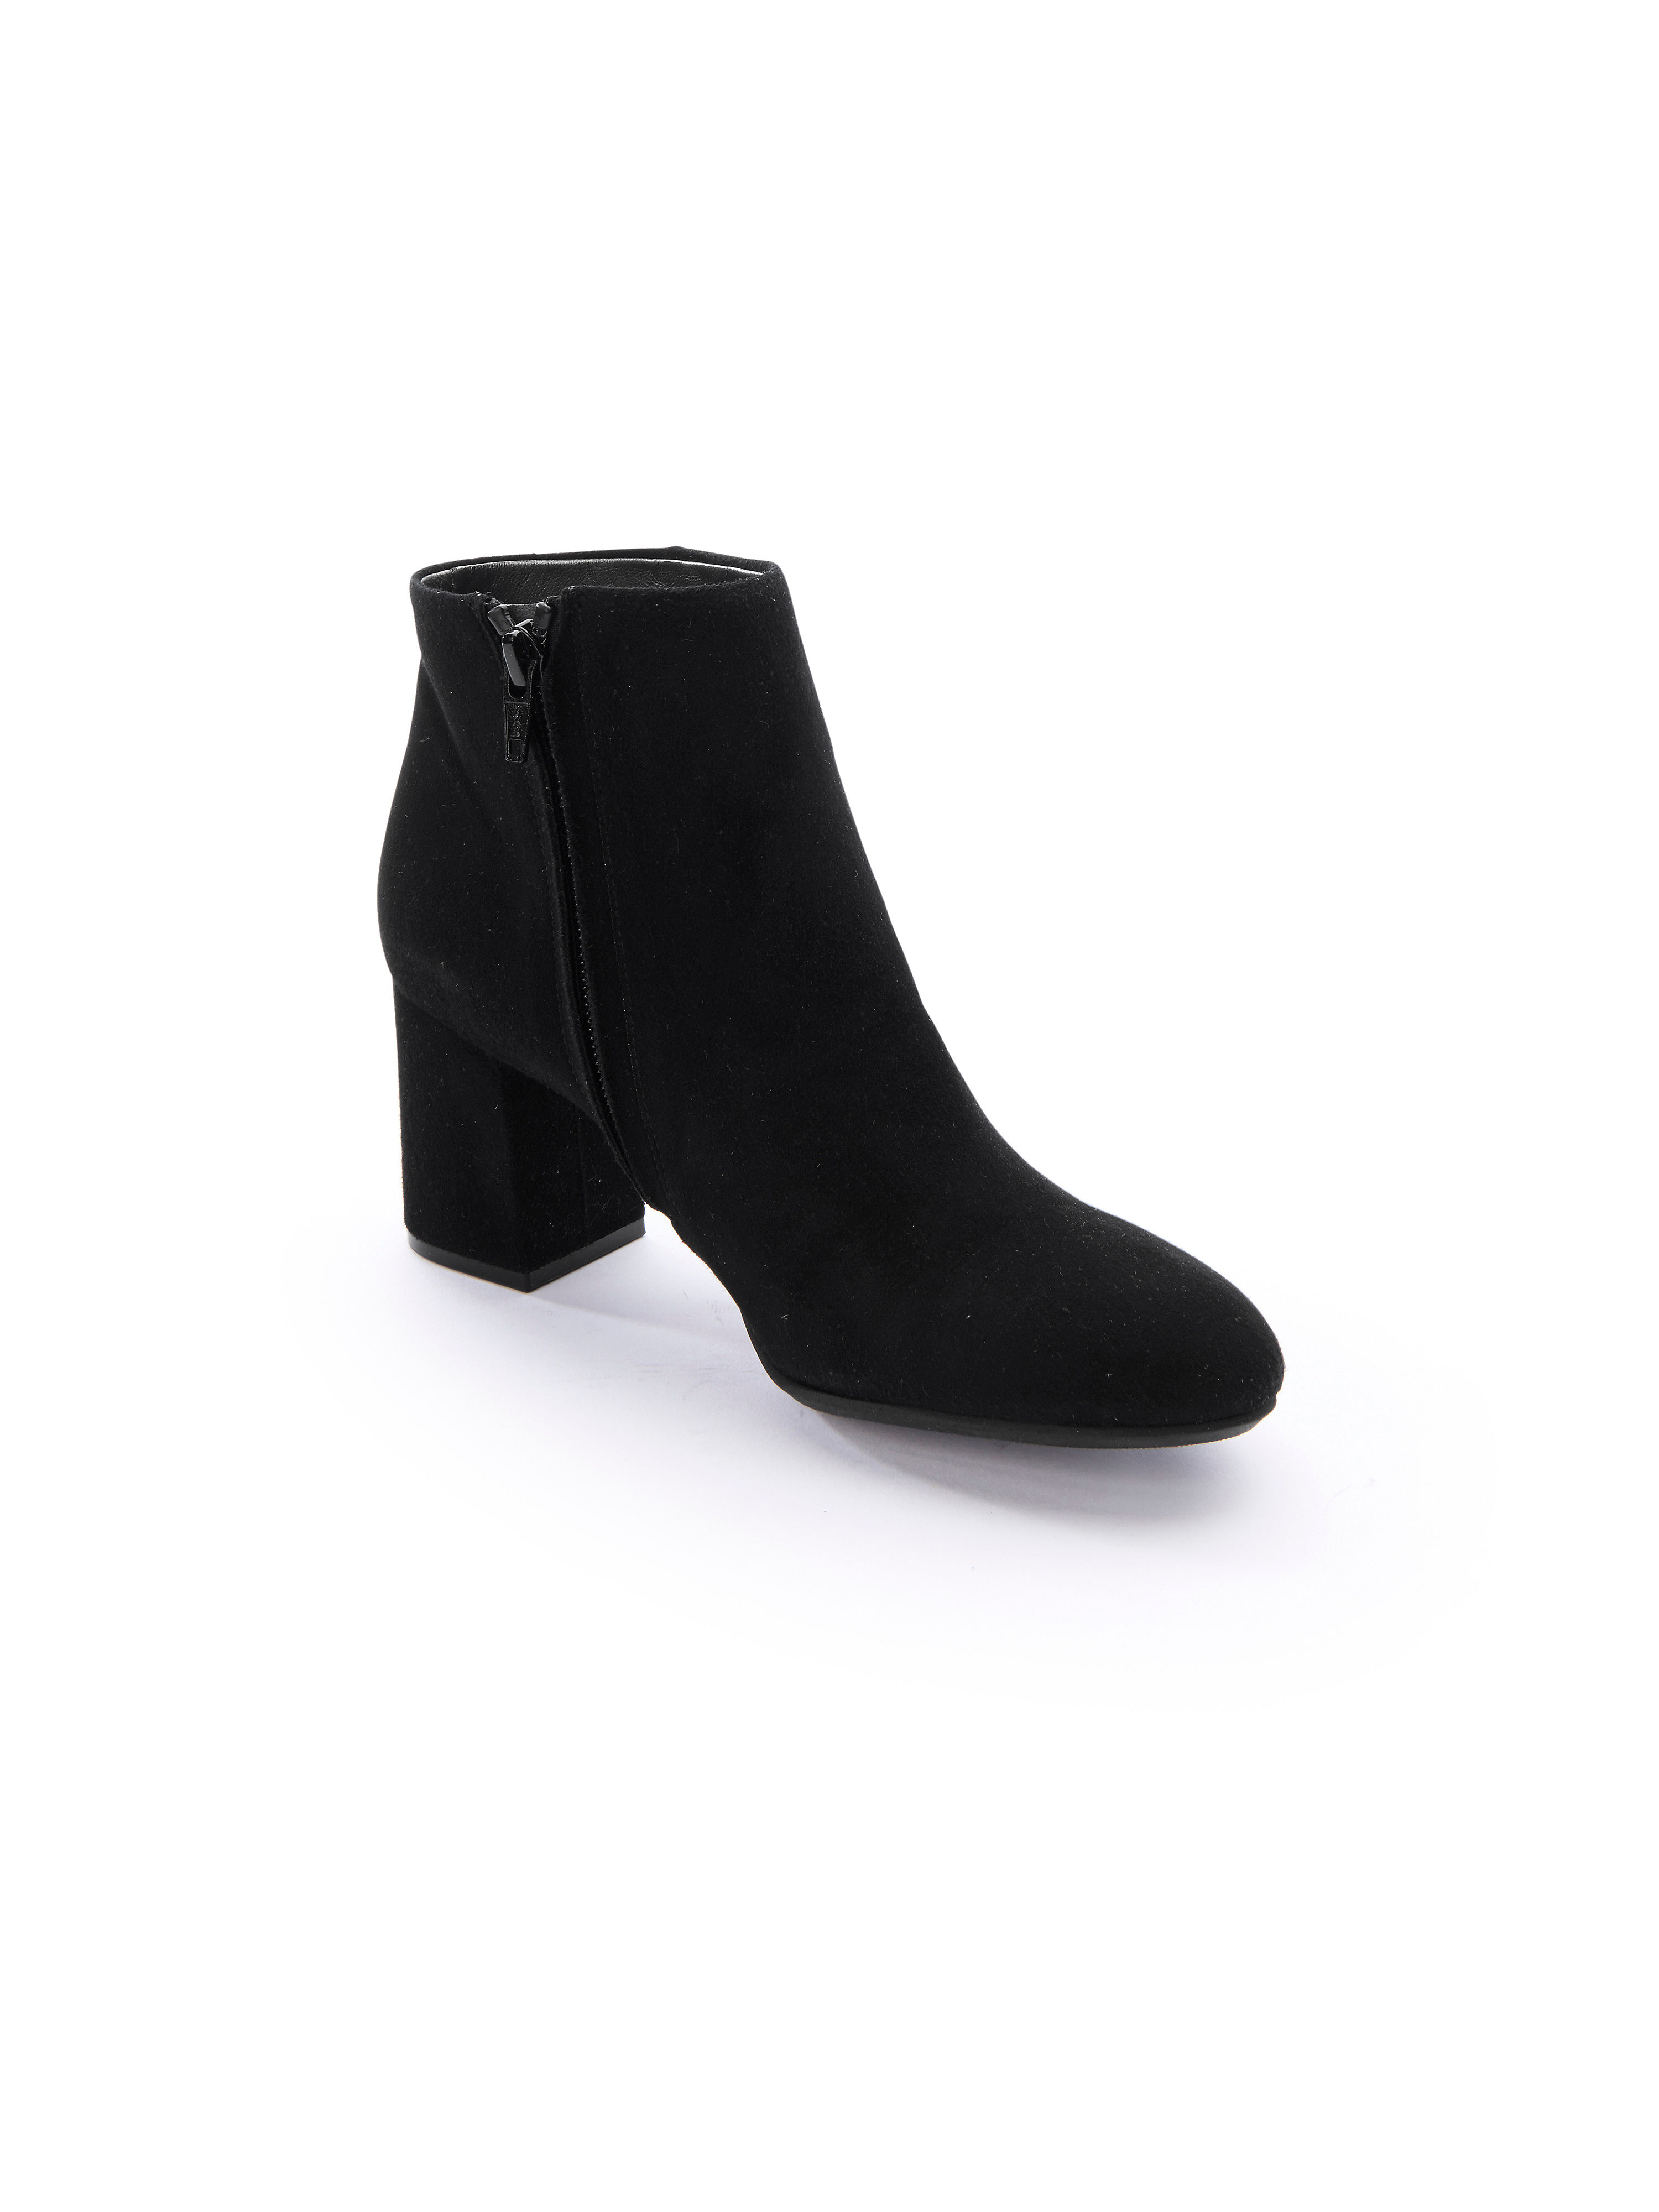 Peter Hahn exquisit - Stiefelette - Schwarz Gute Qualität beliebte Schuhe